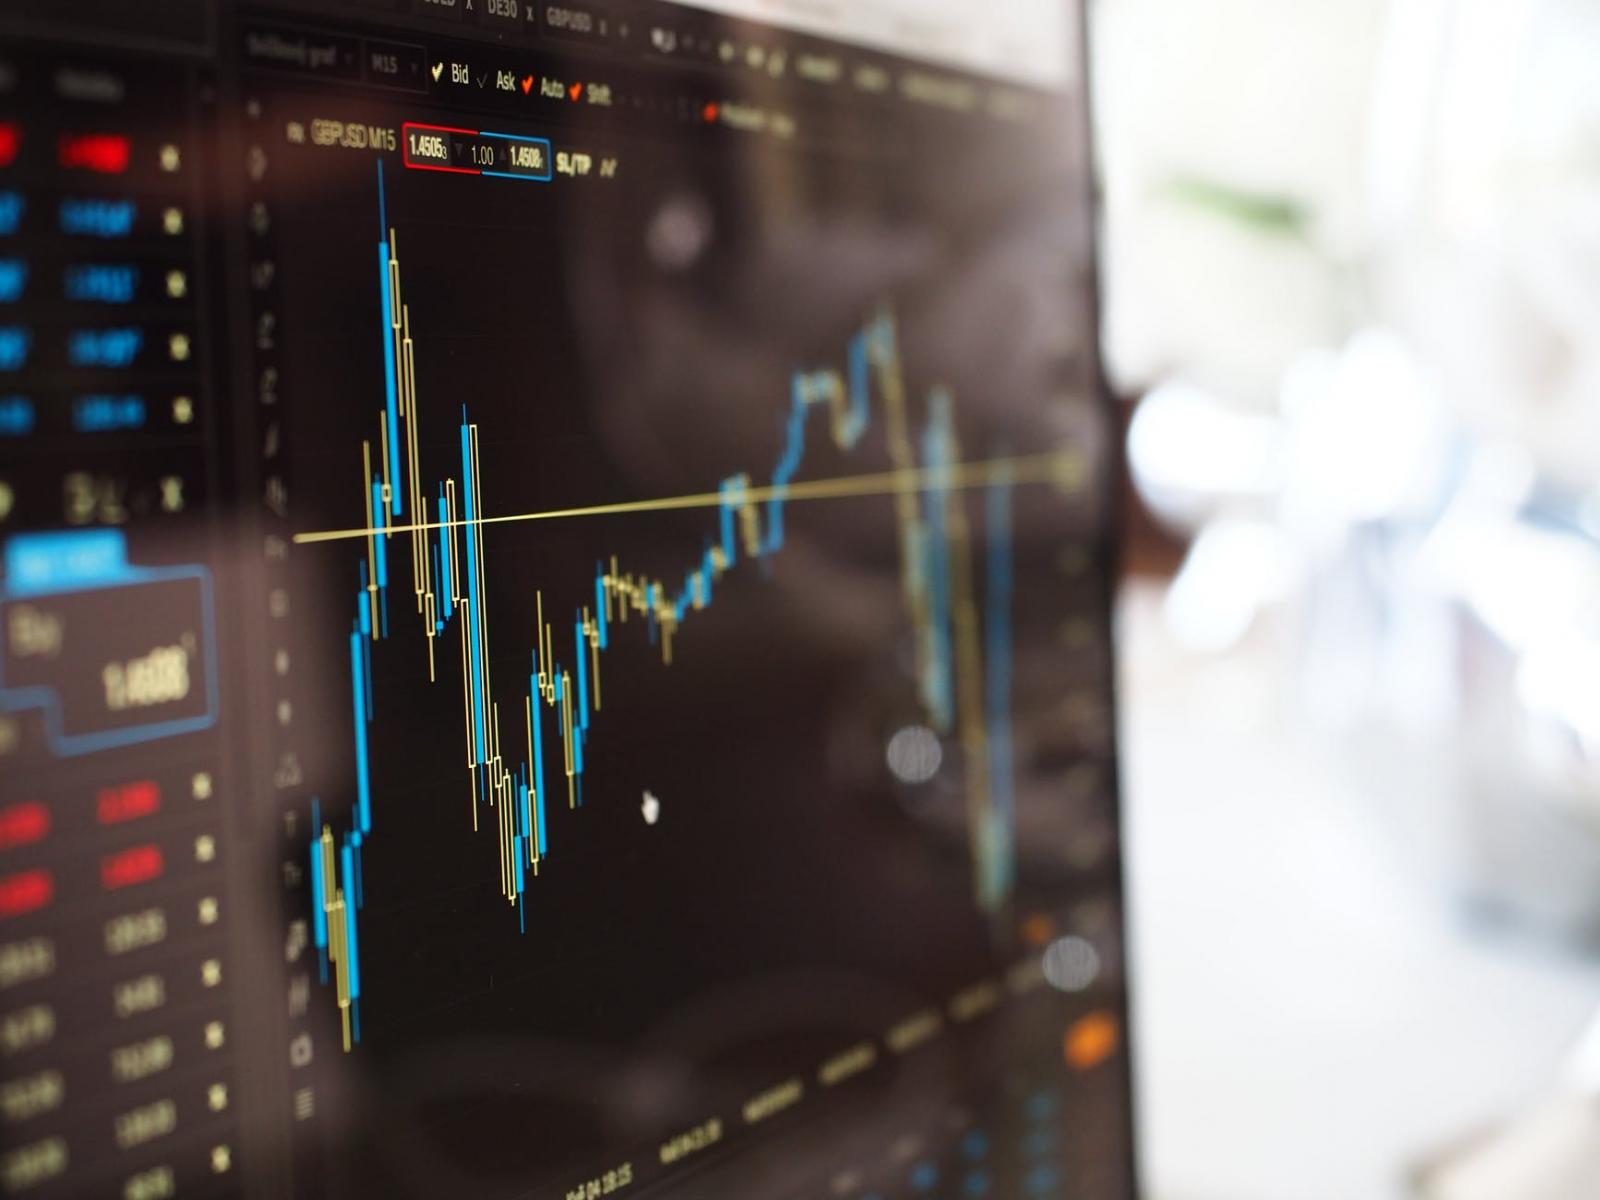 【理財專知】股票突暴跌?如何檢查股票狀況 避免買到地雷股